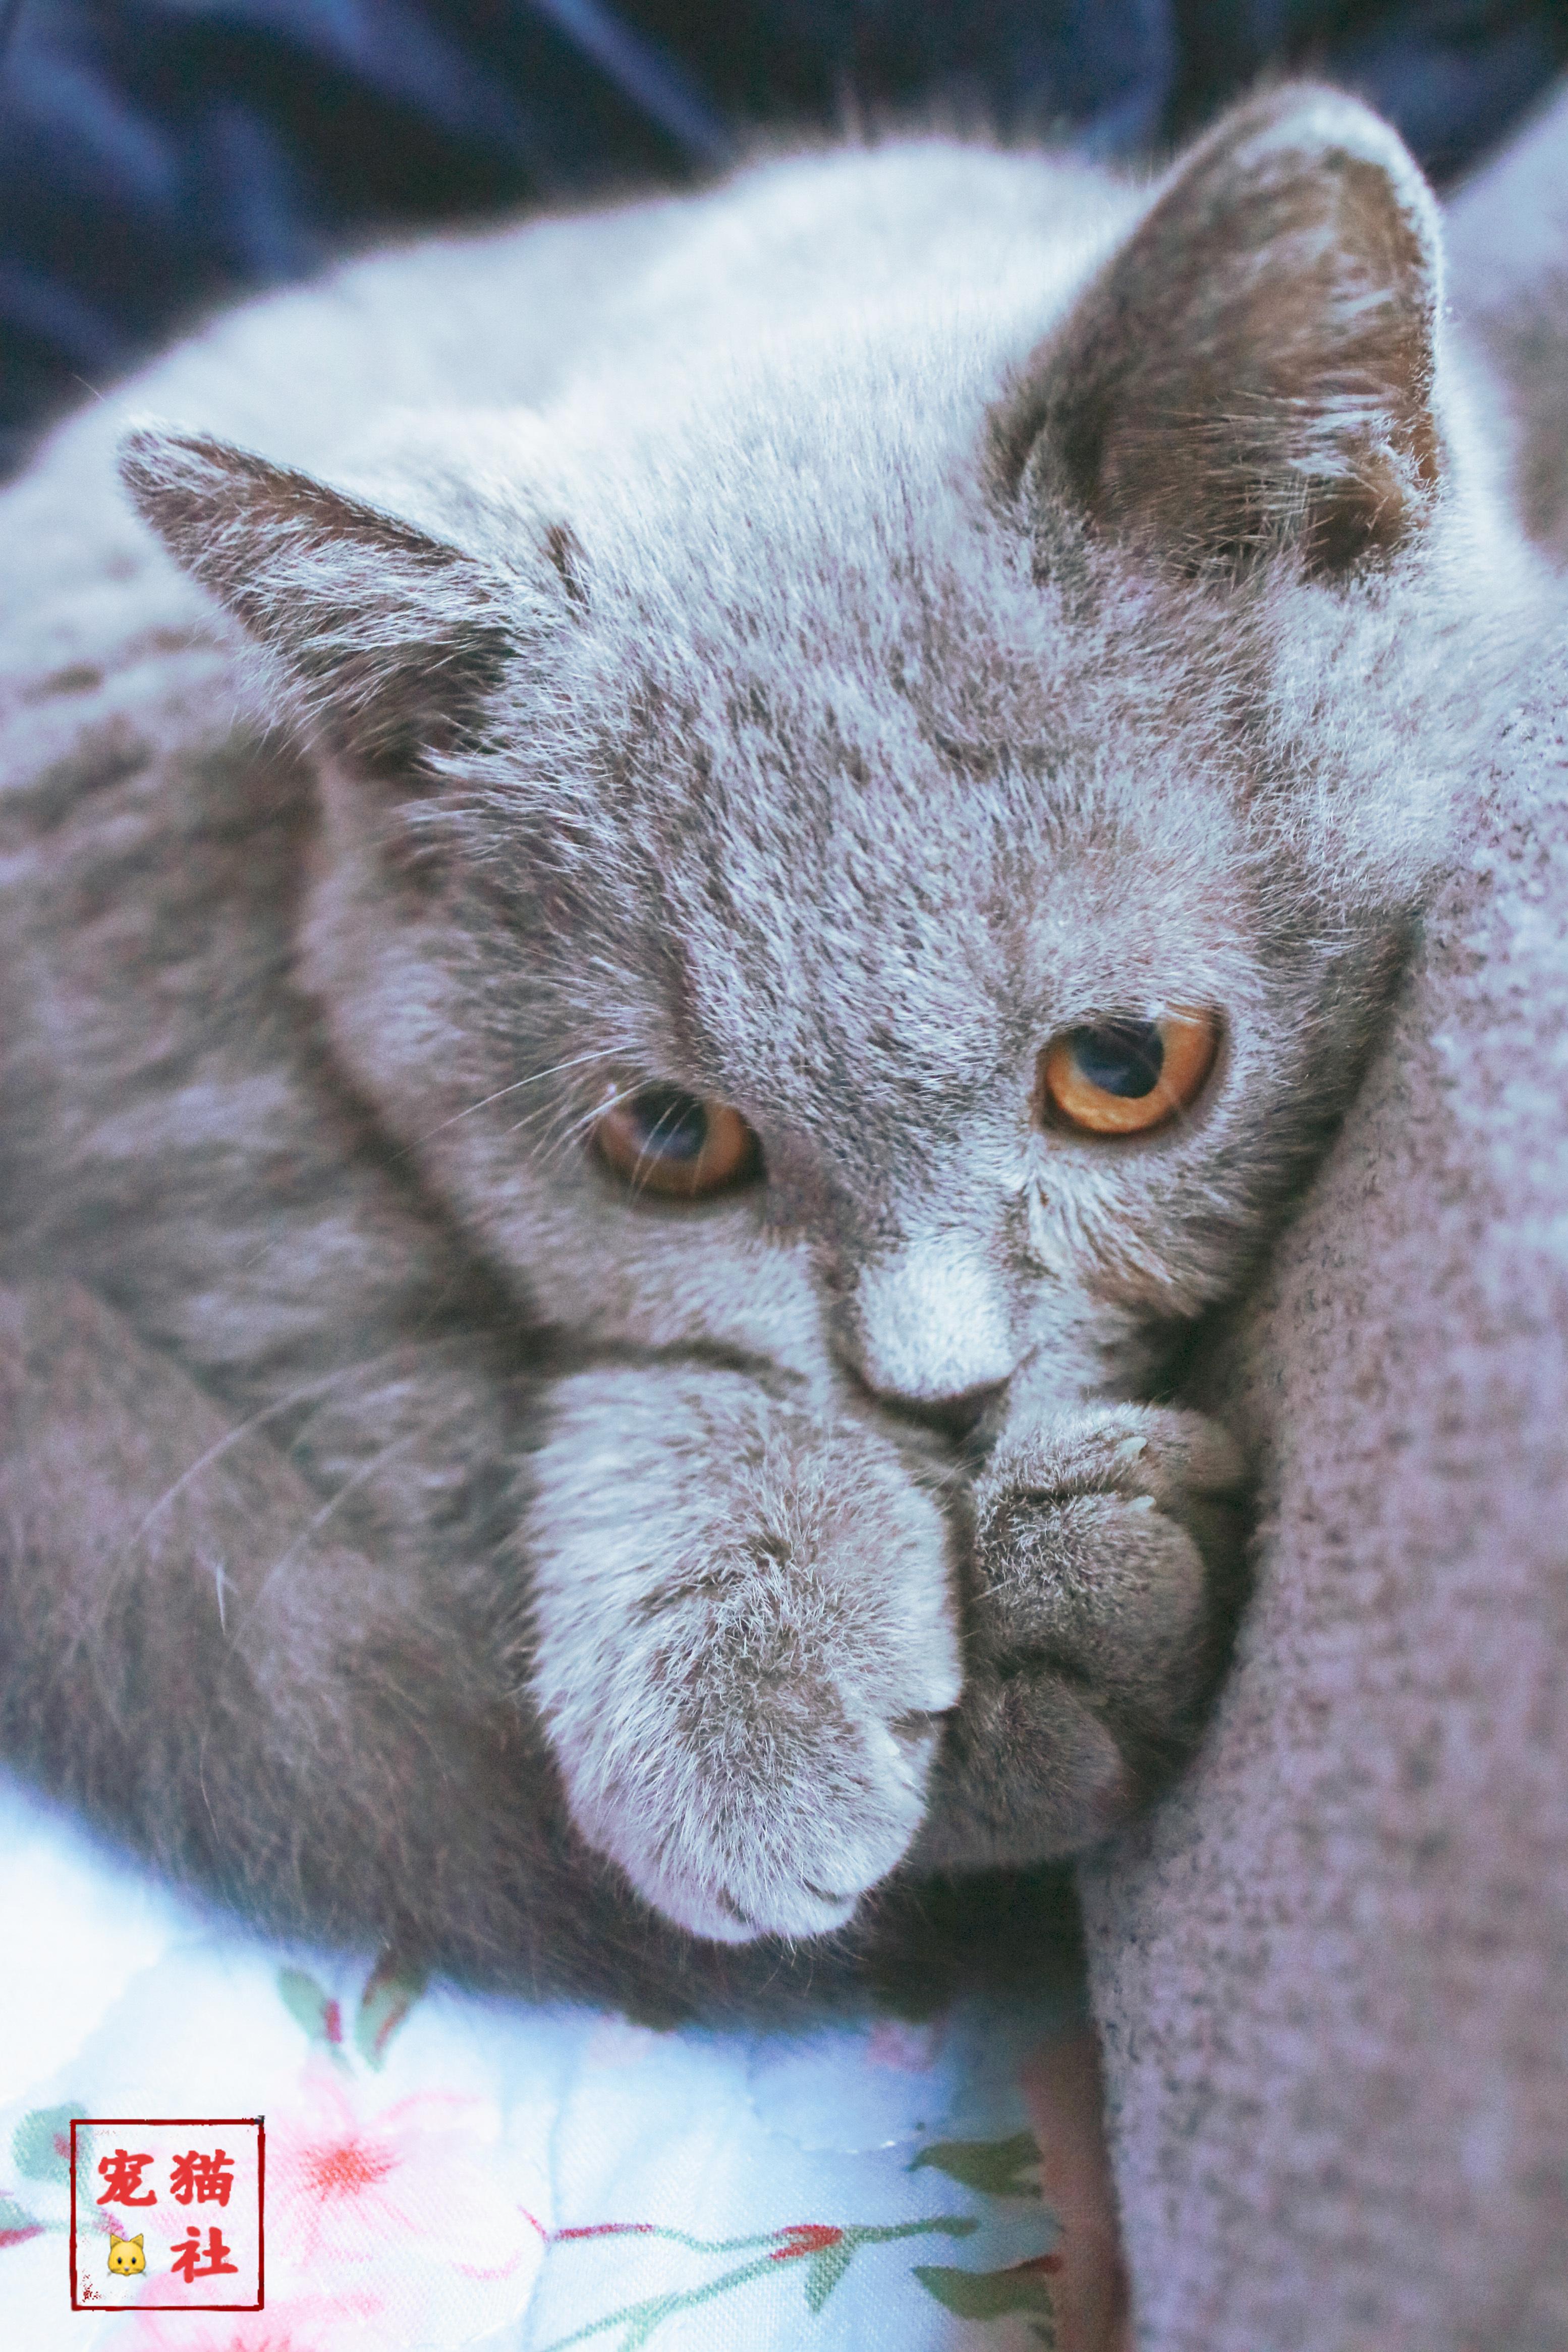 貓咪拉血便血但精神很好是怎麼回事 怎麼辦 萌寵 第1張